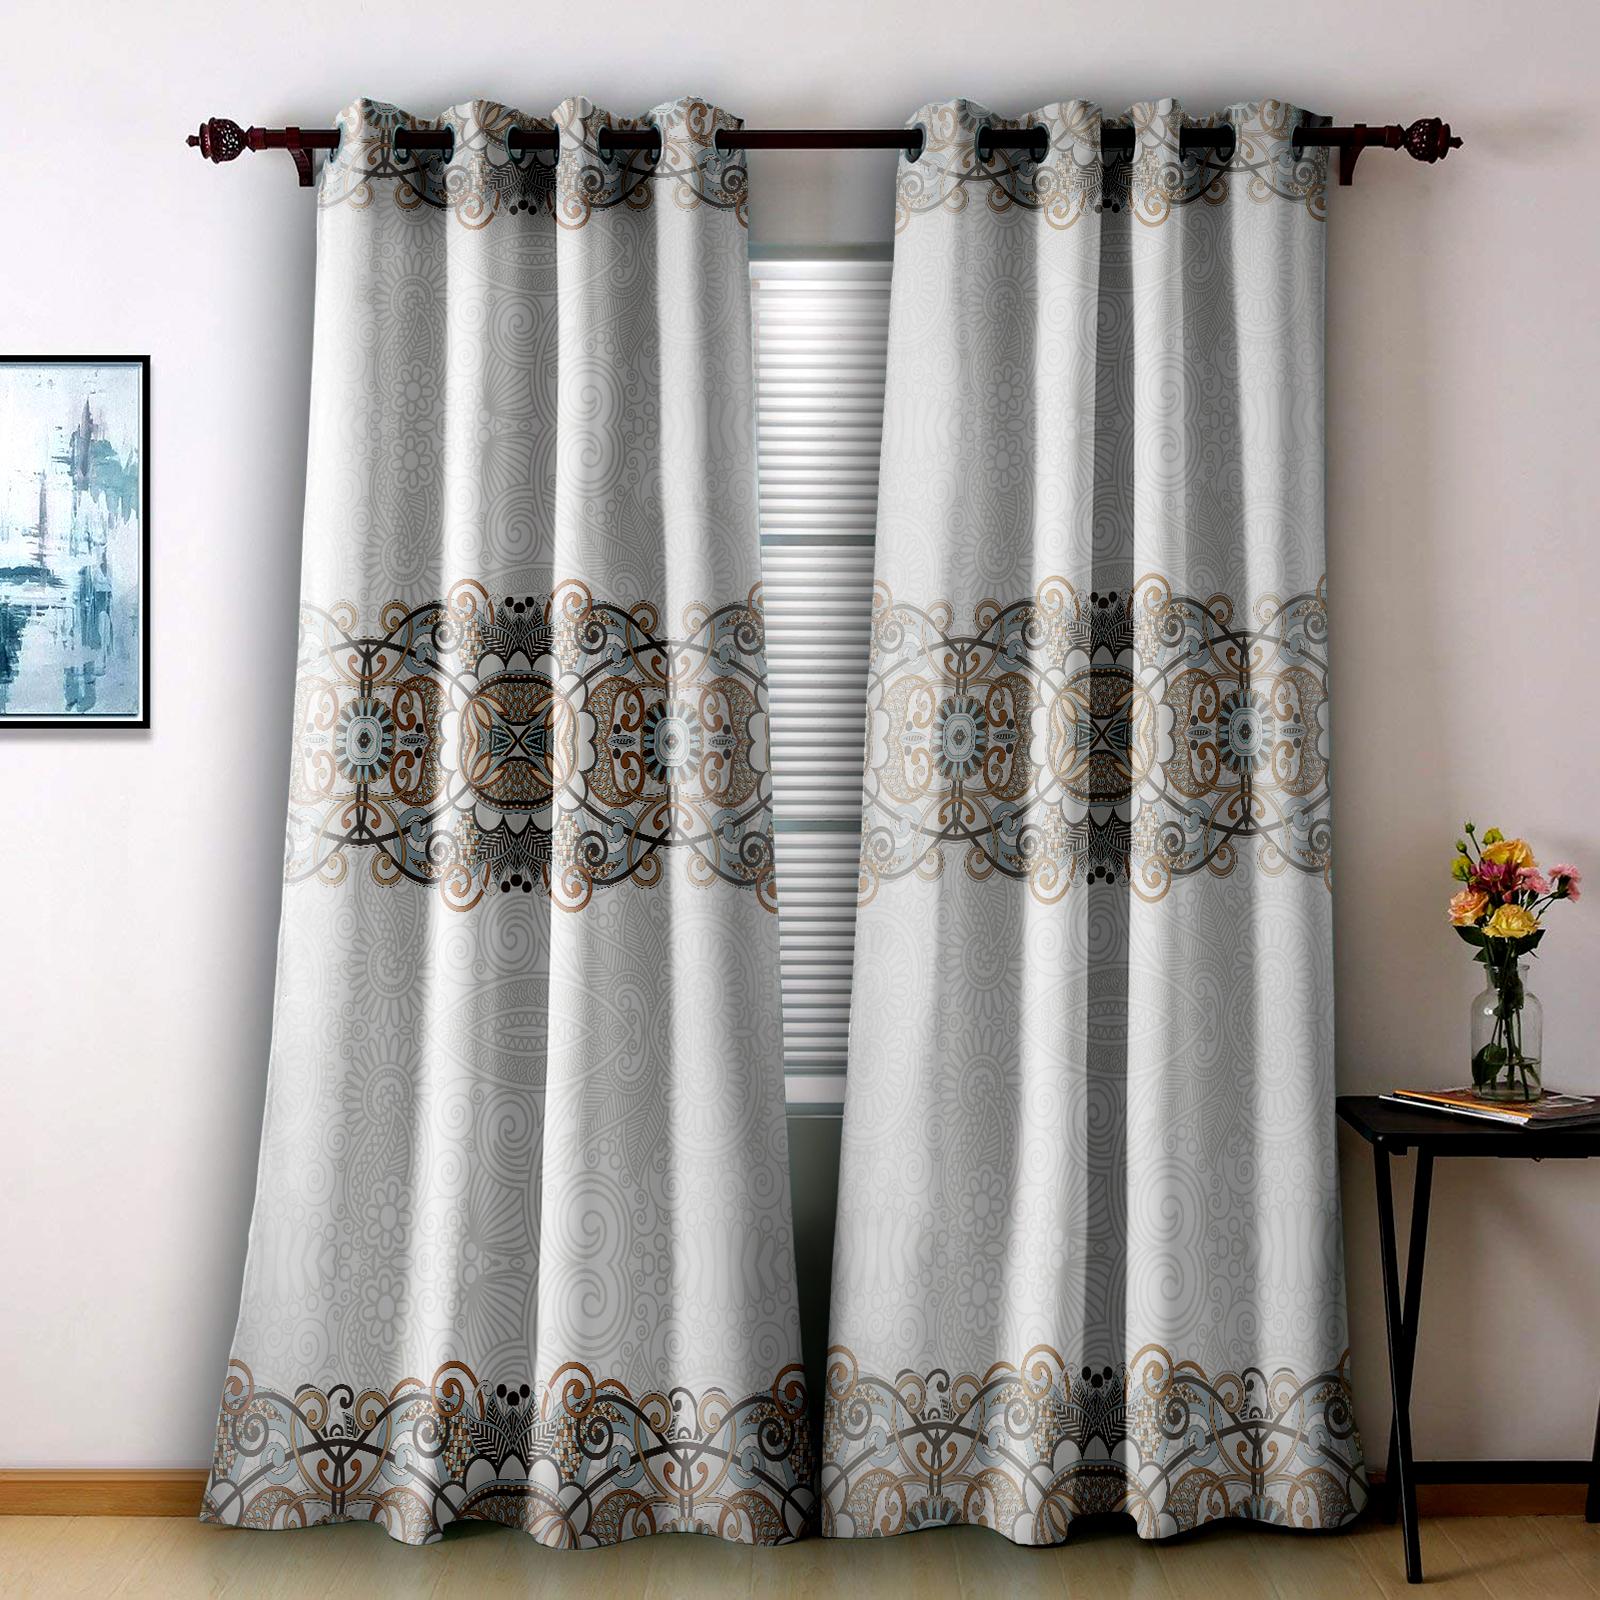 تصویر از پرده مدل curtain638